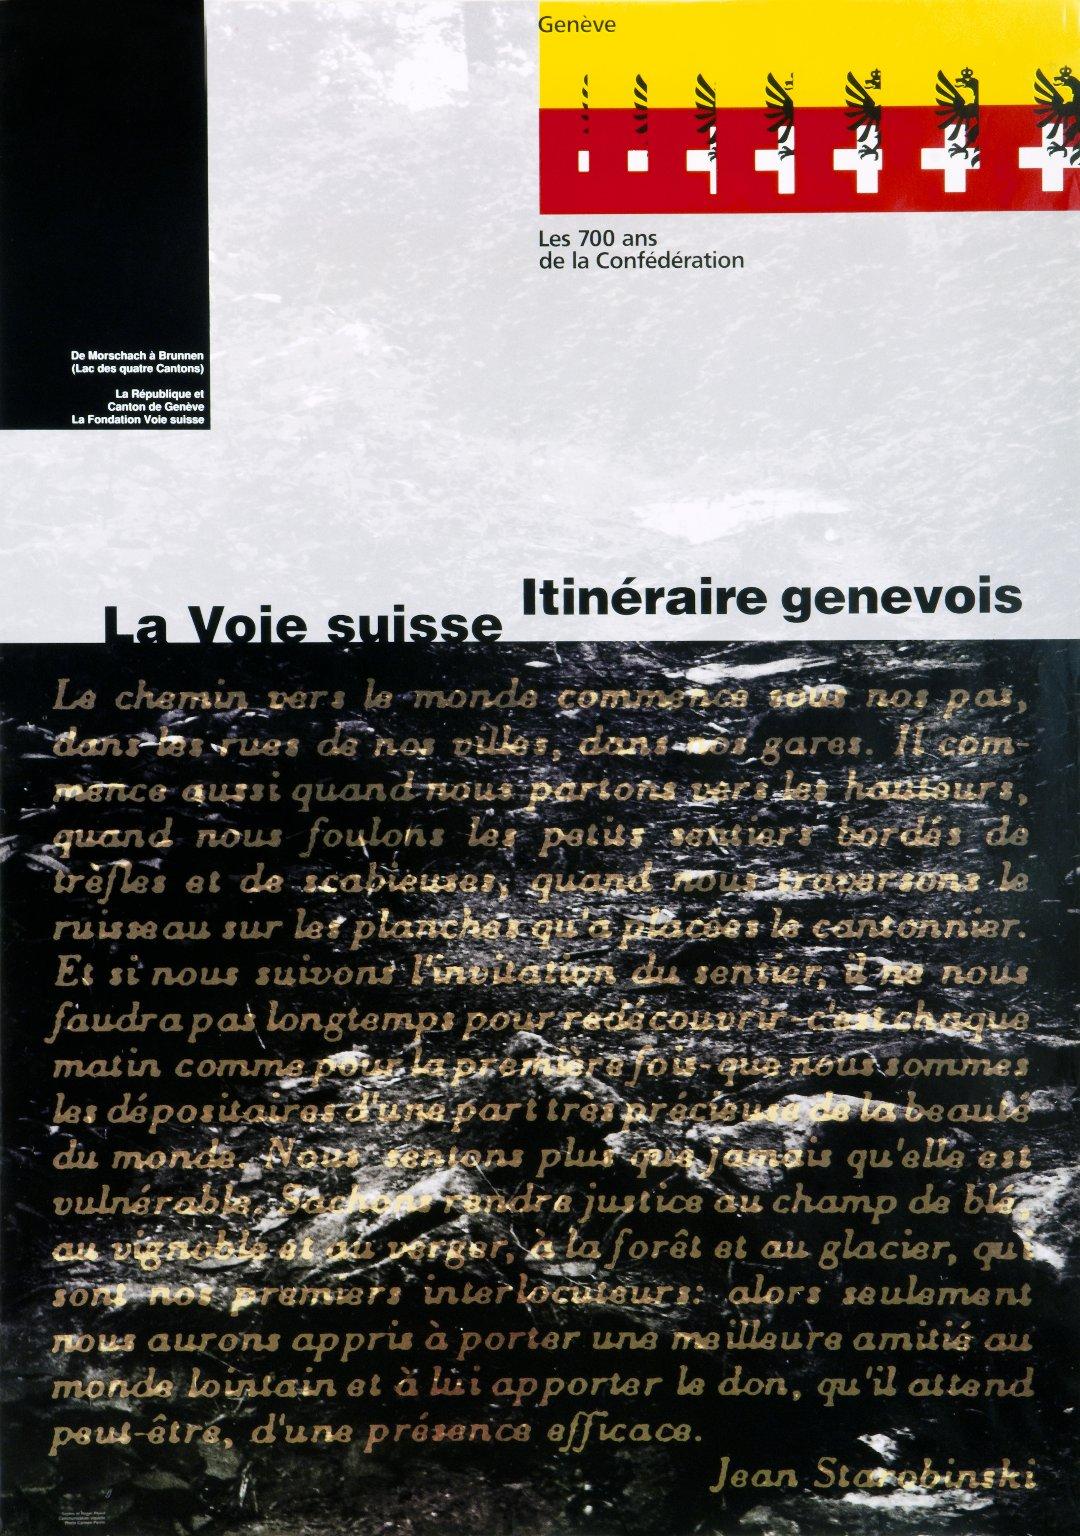 La Voie suisse: Itinéraire genevois